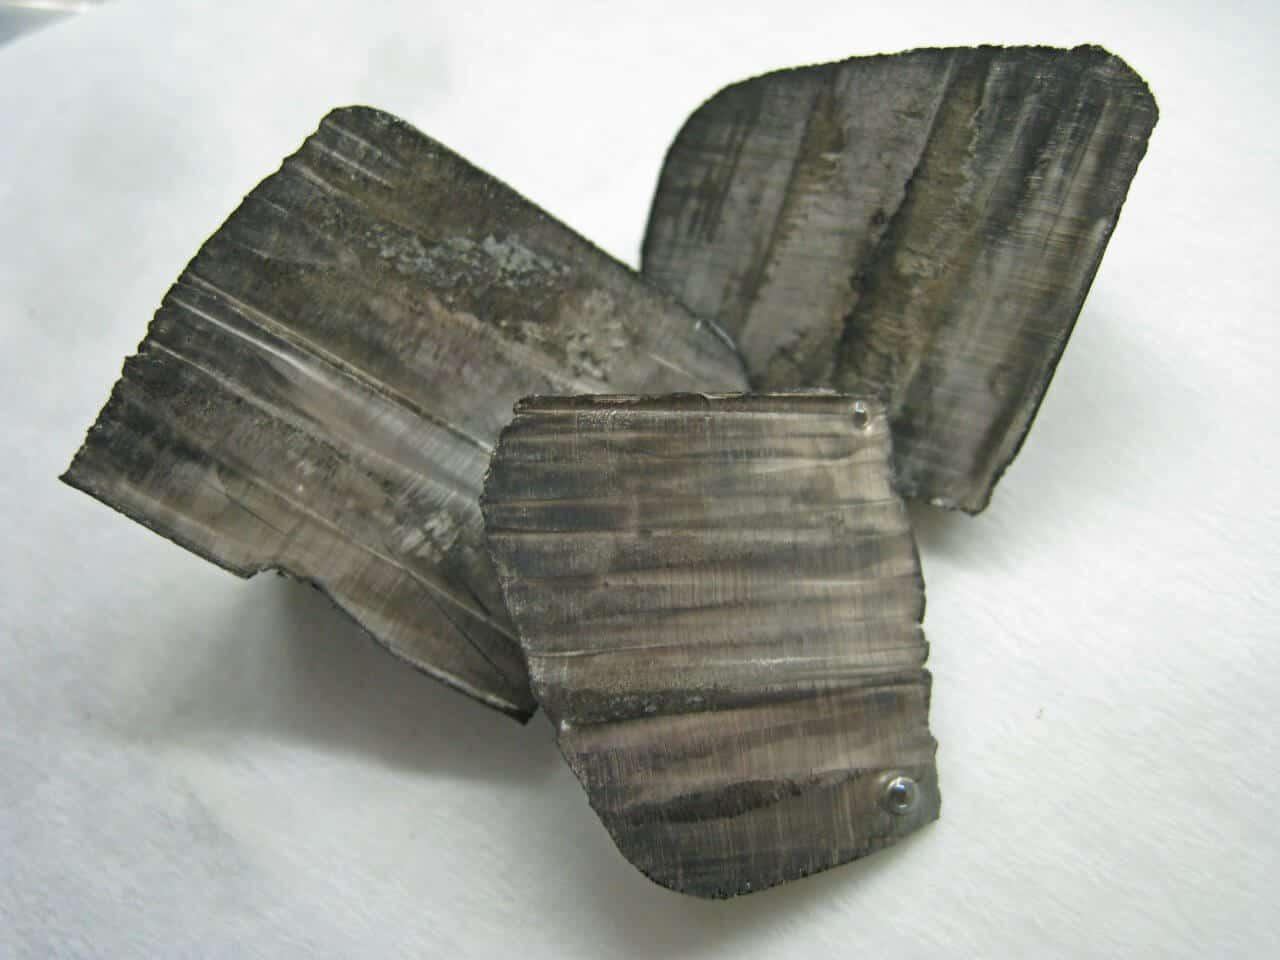 Litio – El metal más ligero, aliado de la salud desde la antigüedad